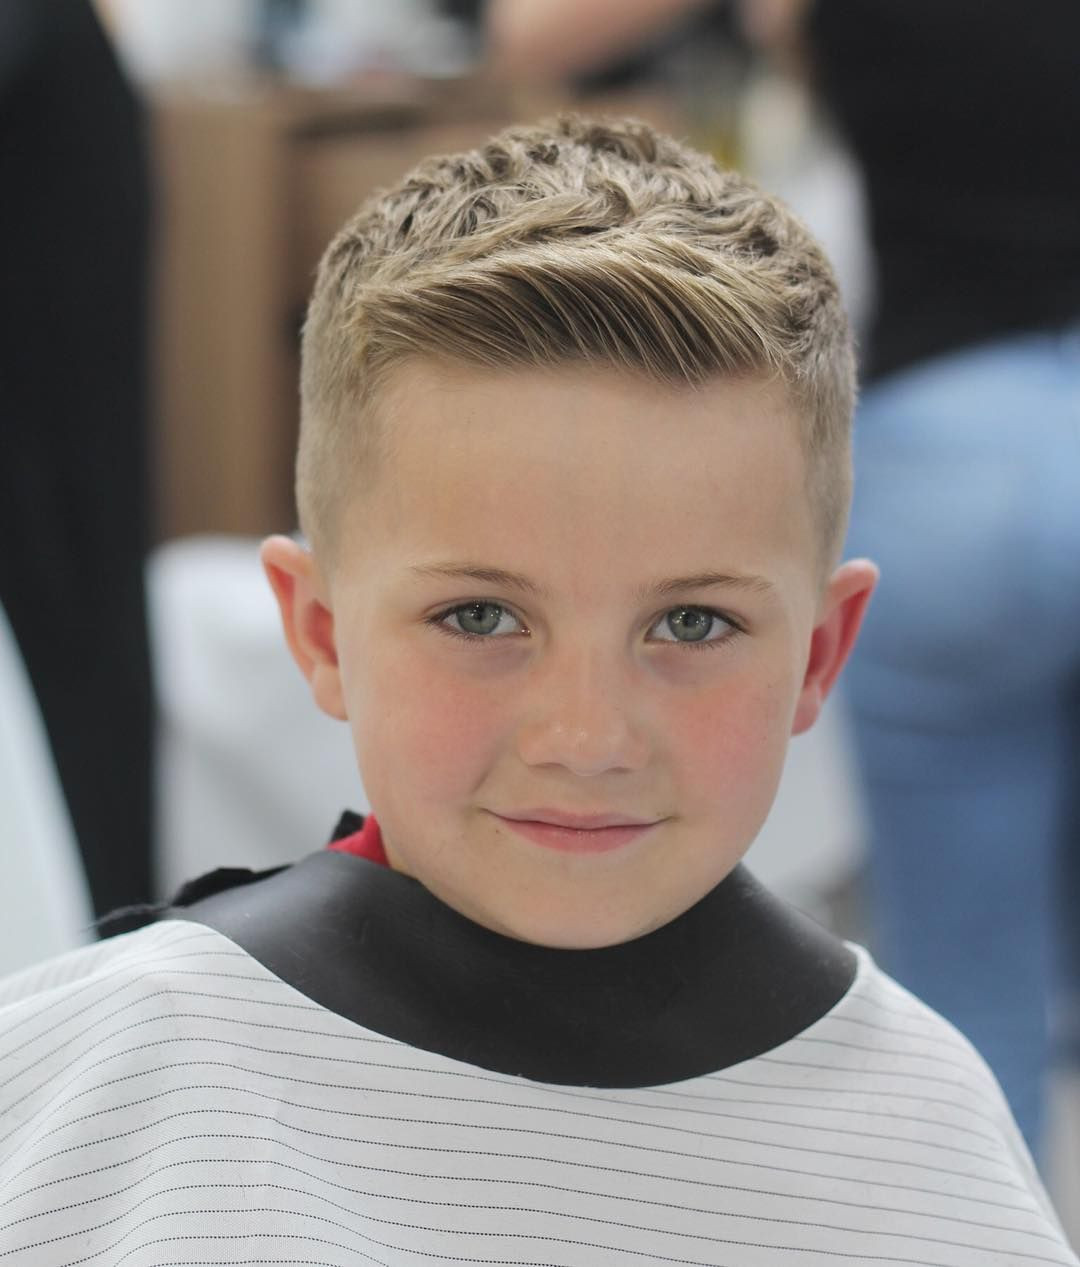 Coole Frisuren Jungs 2019  Schöne Kinder Frisuren 2018 Neue Frisuren